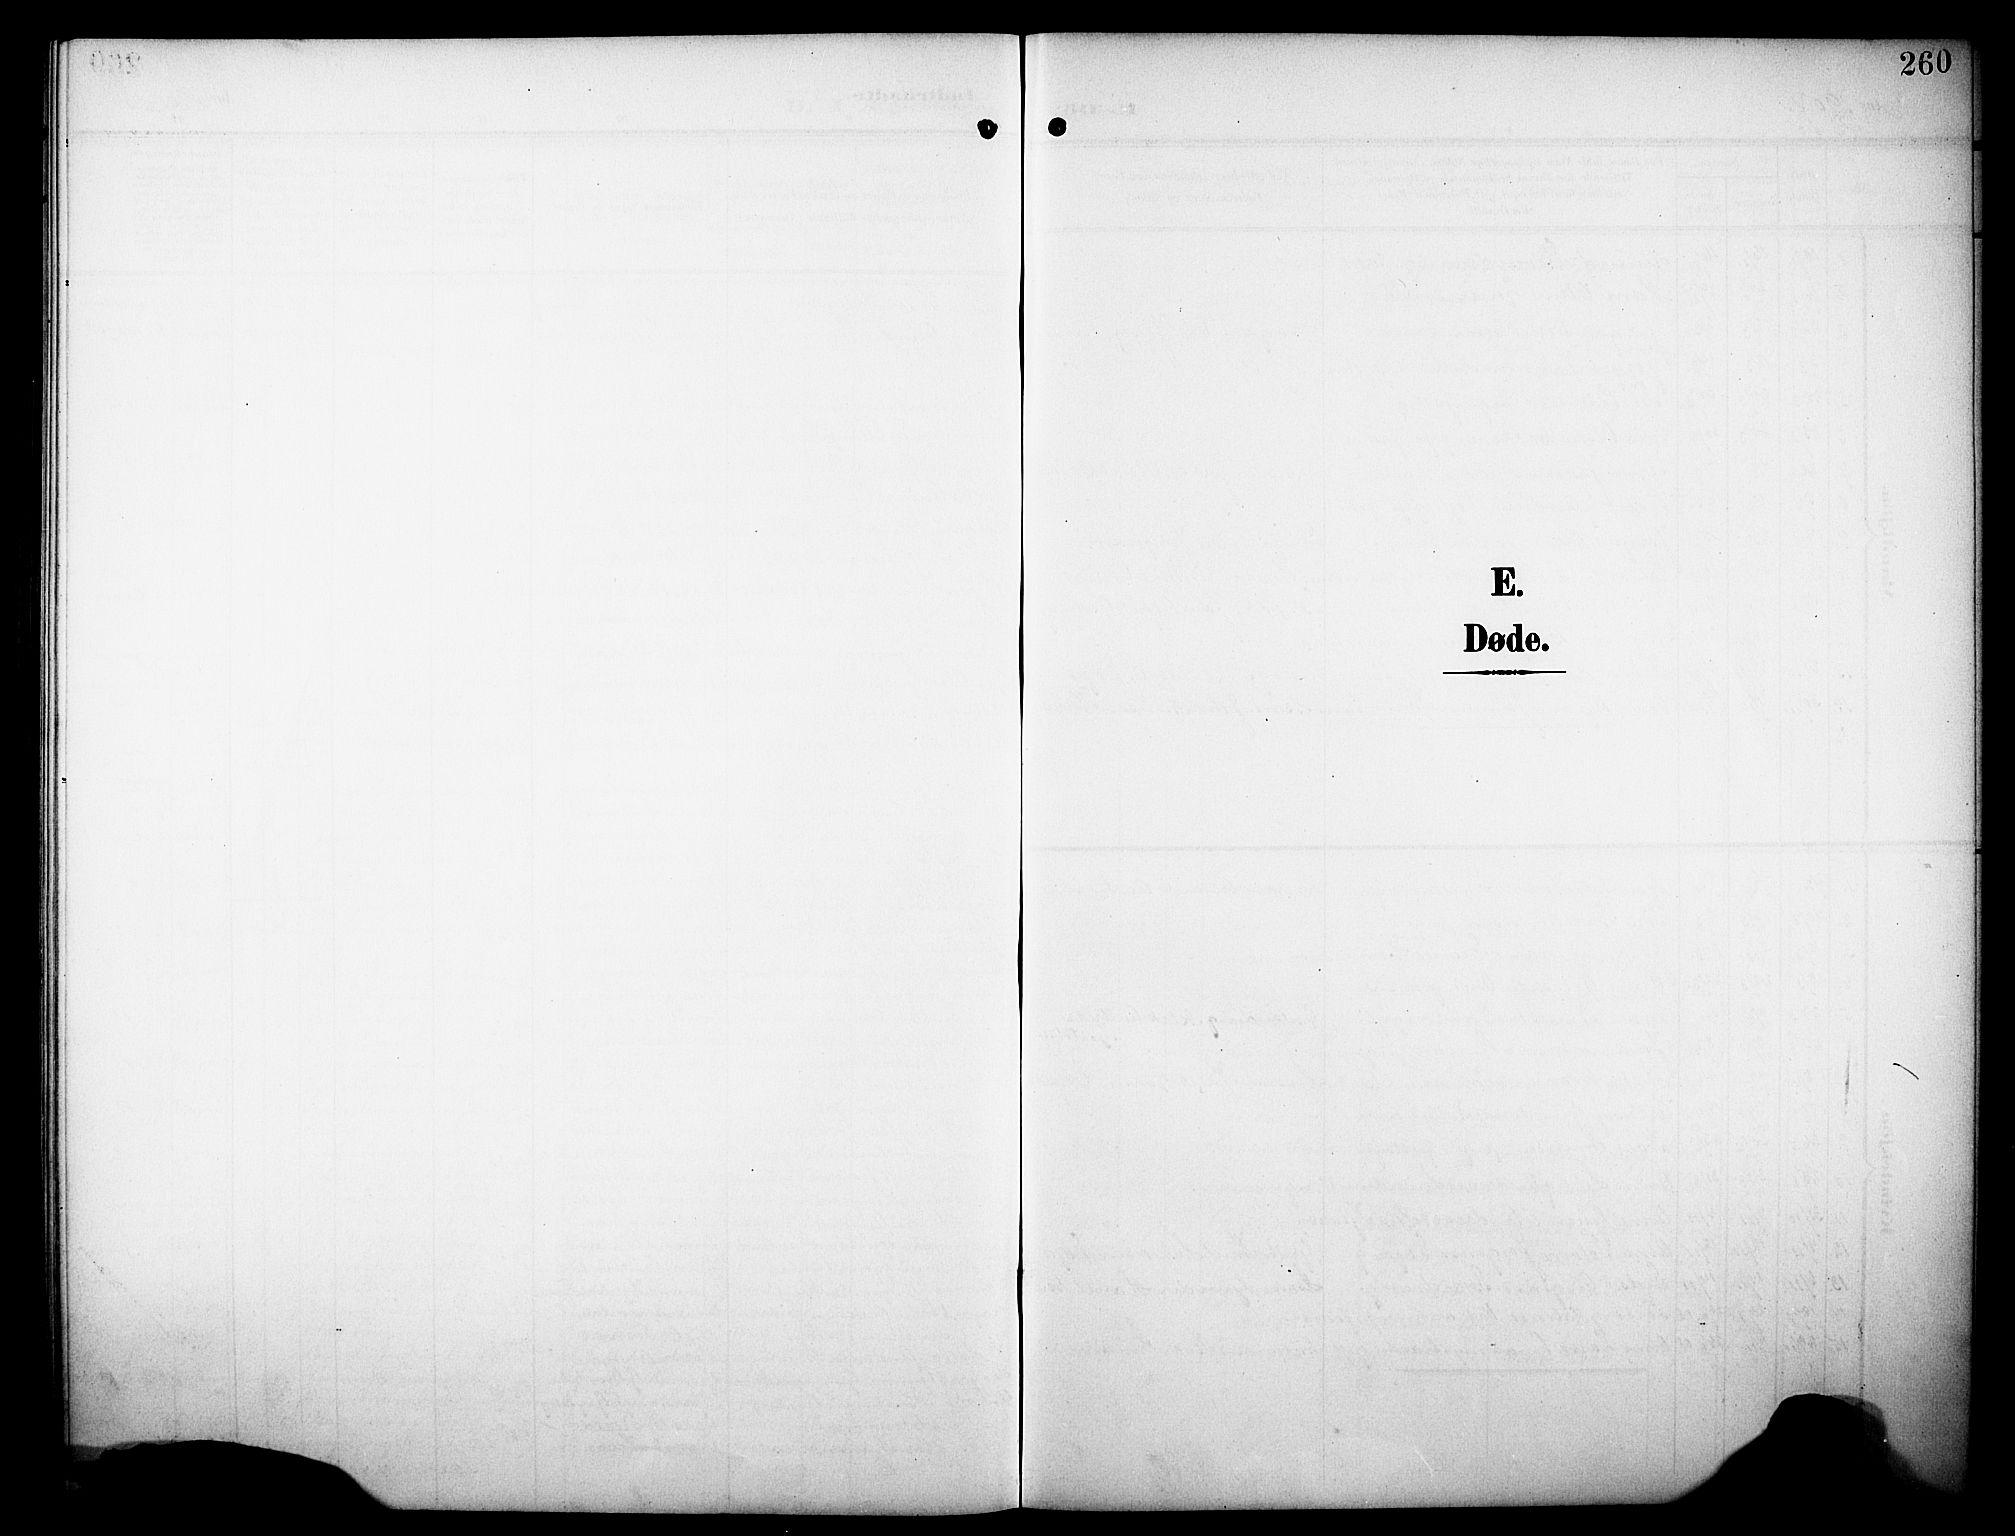 SAKO, Drangedal kirkebøker, G/Ga/L0004: Klokkerbok nr. I 4, 1901-1933, s. 260